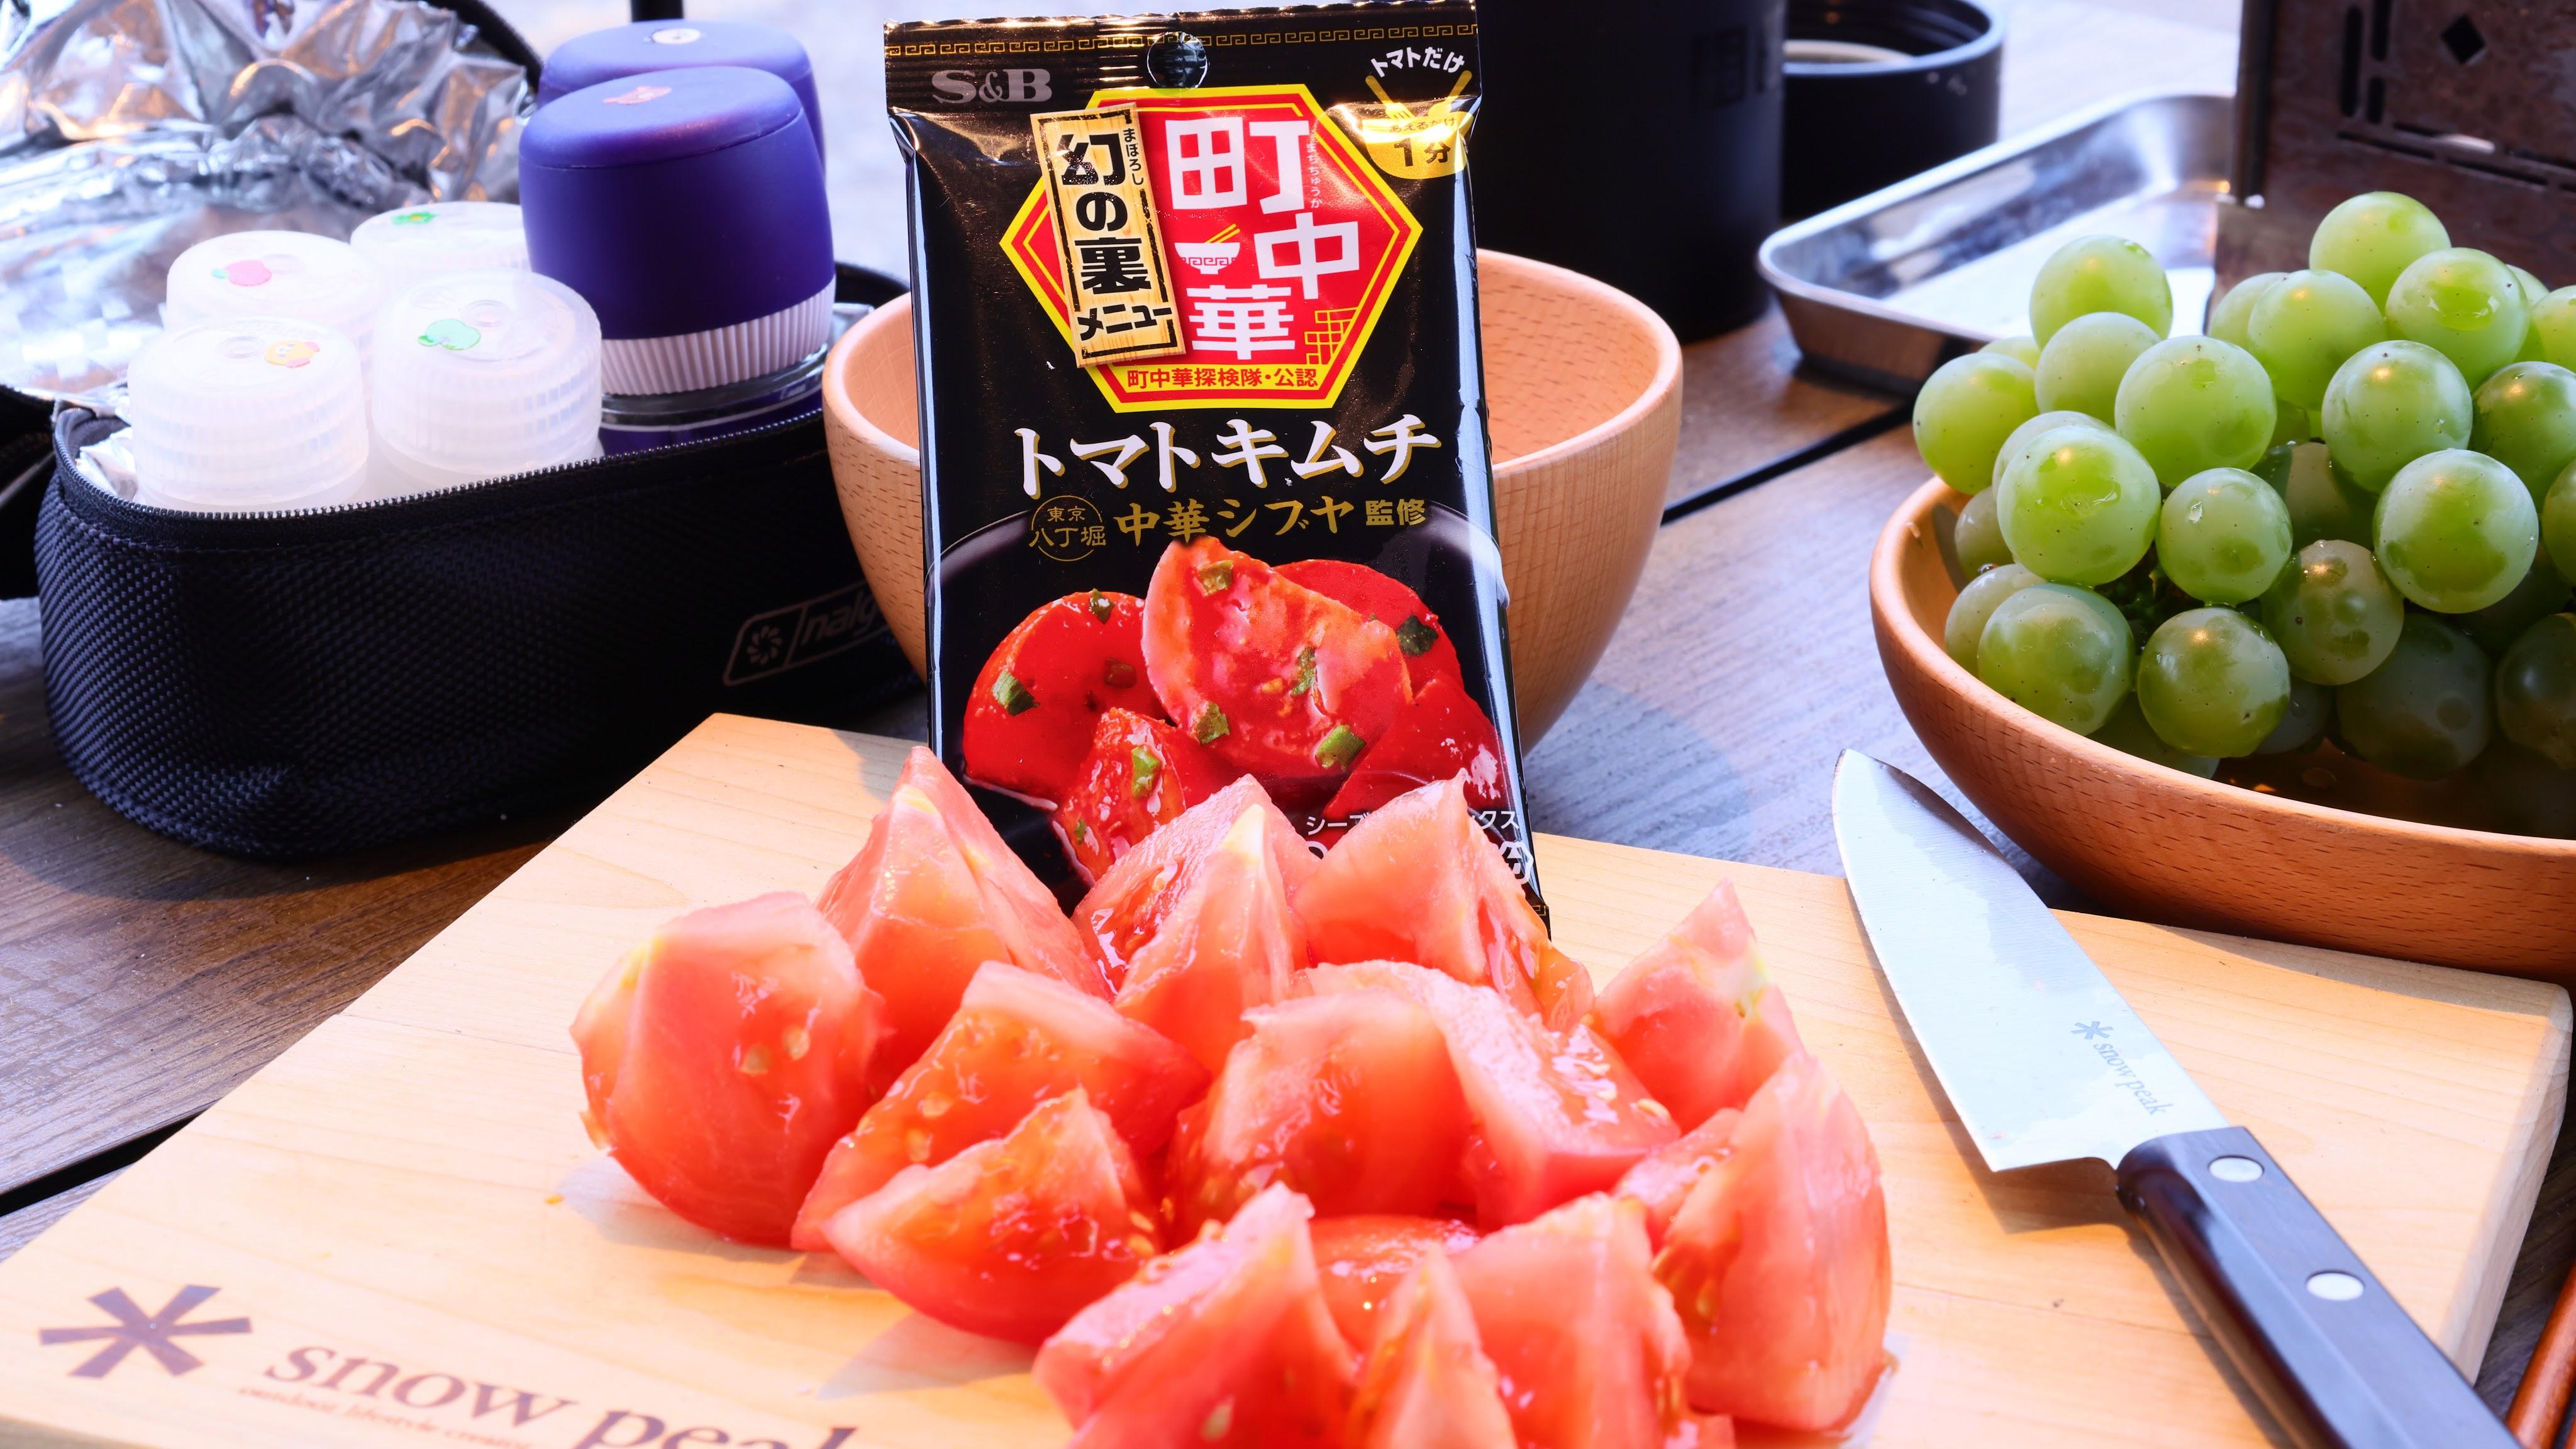 ぶつ切りトマトとトマトキムチ(シーズニング)